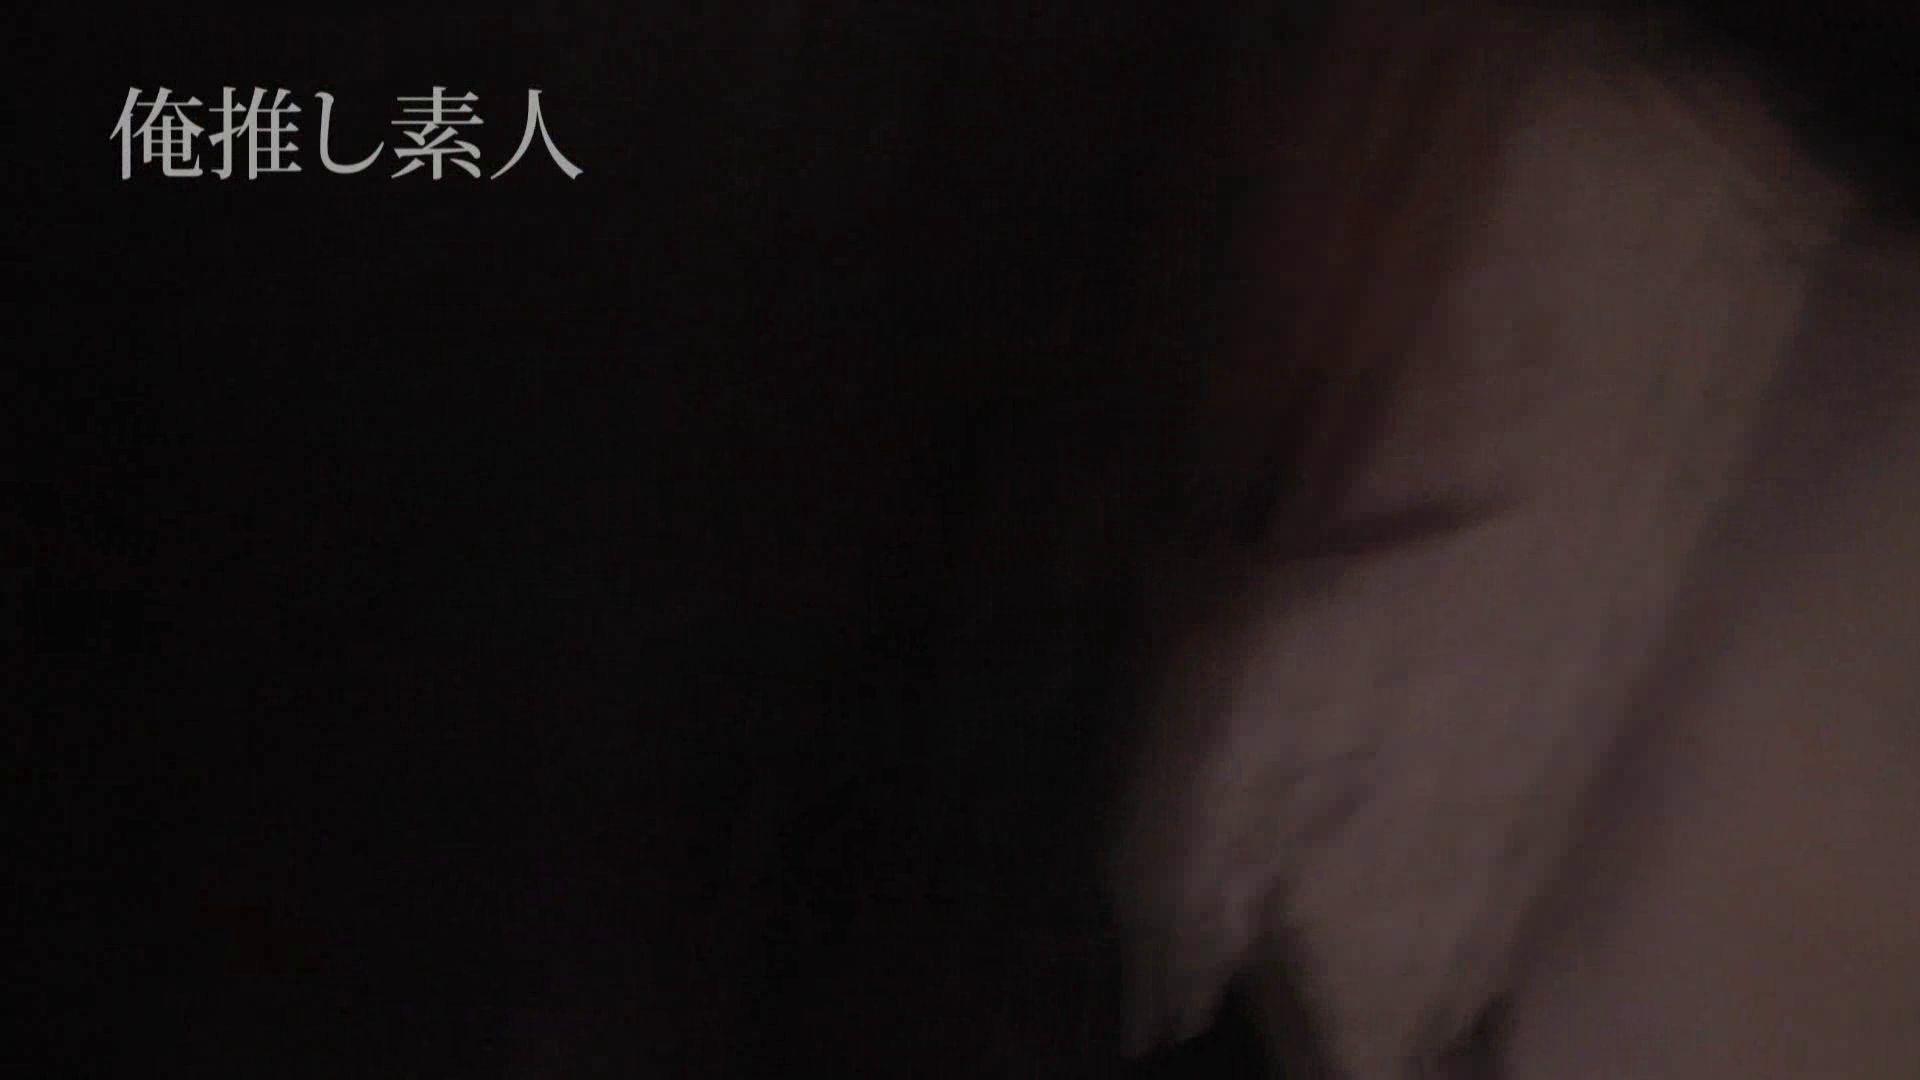 俺推し素人 EカップシングルマザーOL30歳瑤子vol3 投稿  56連発 51